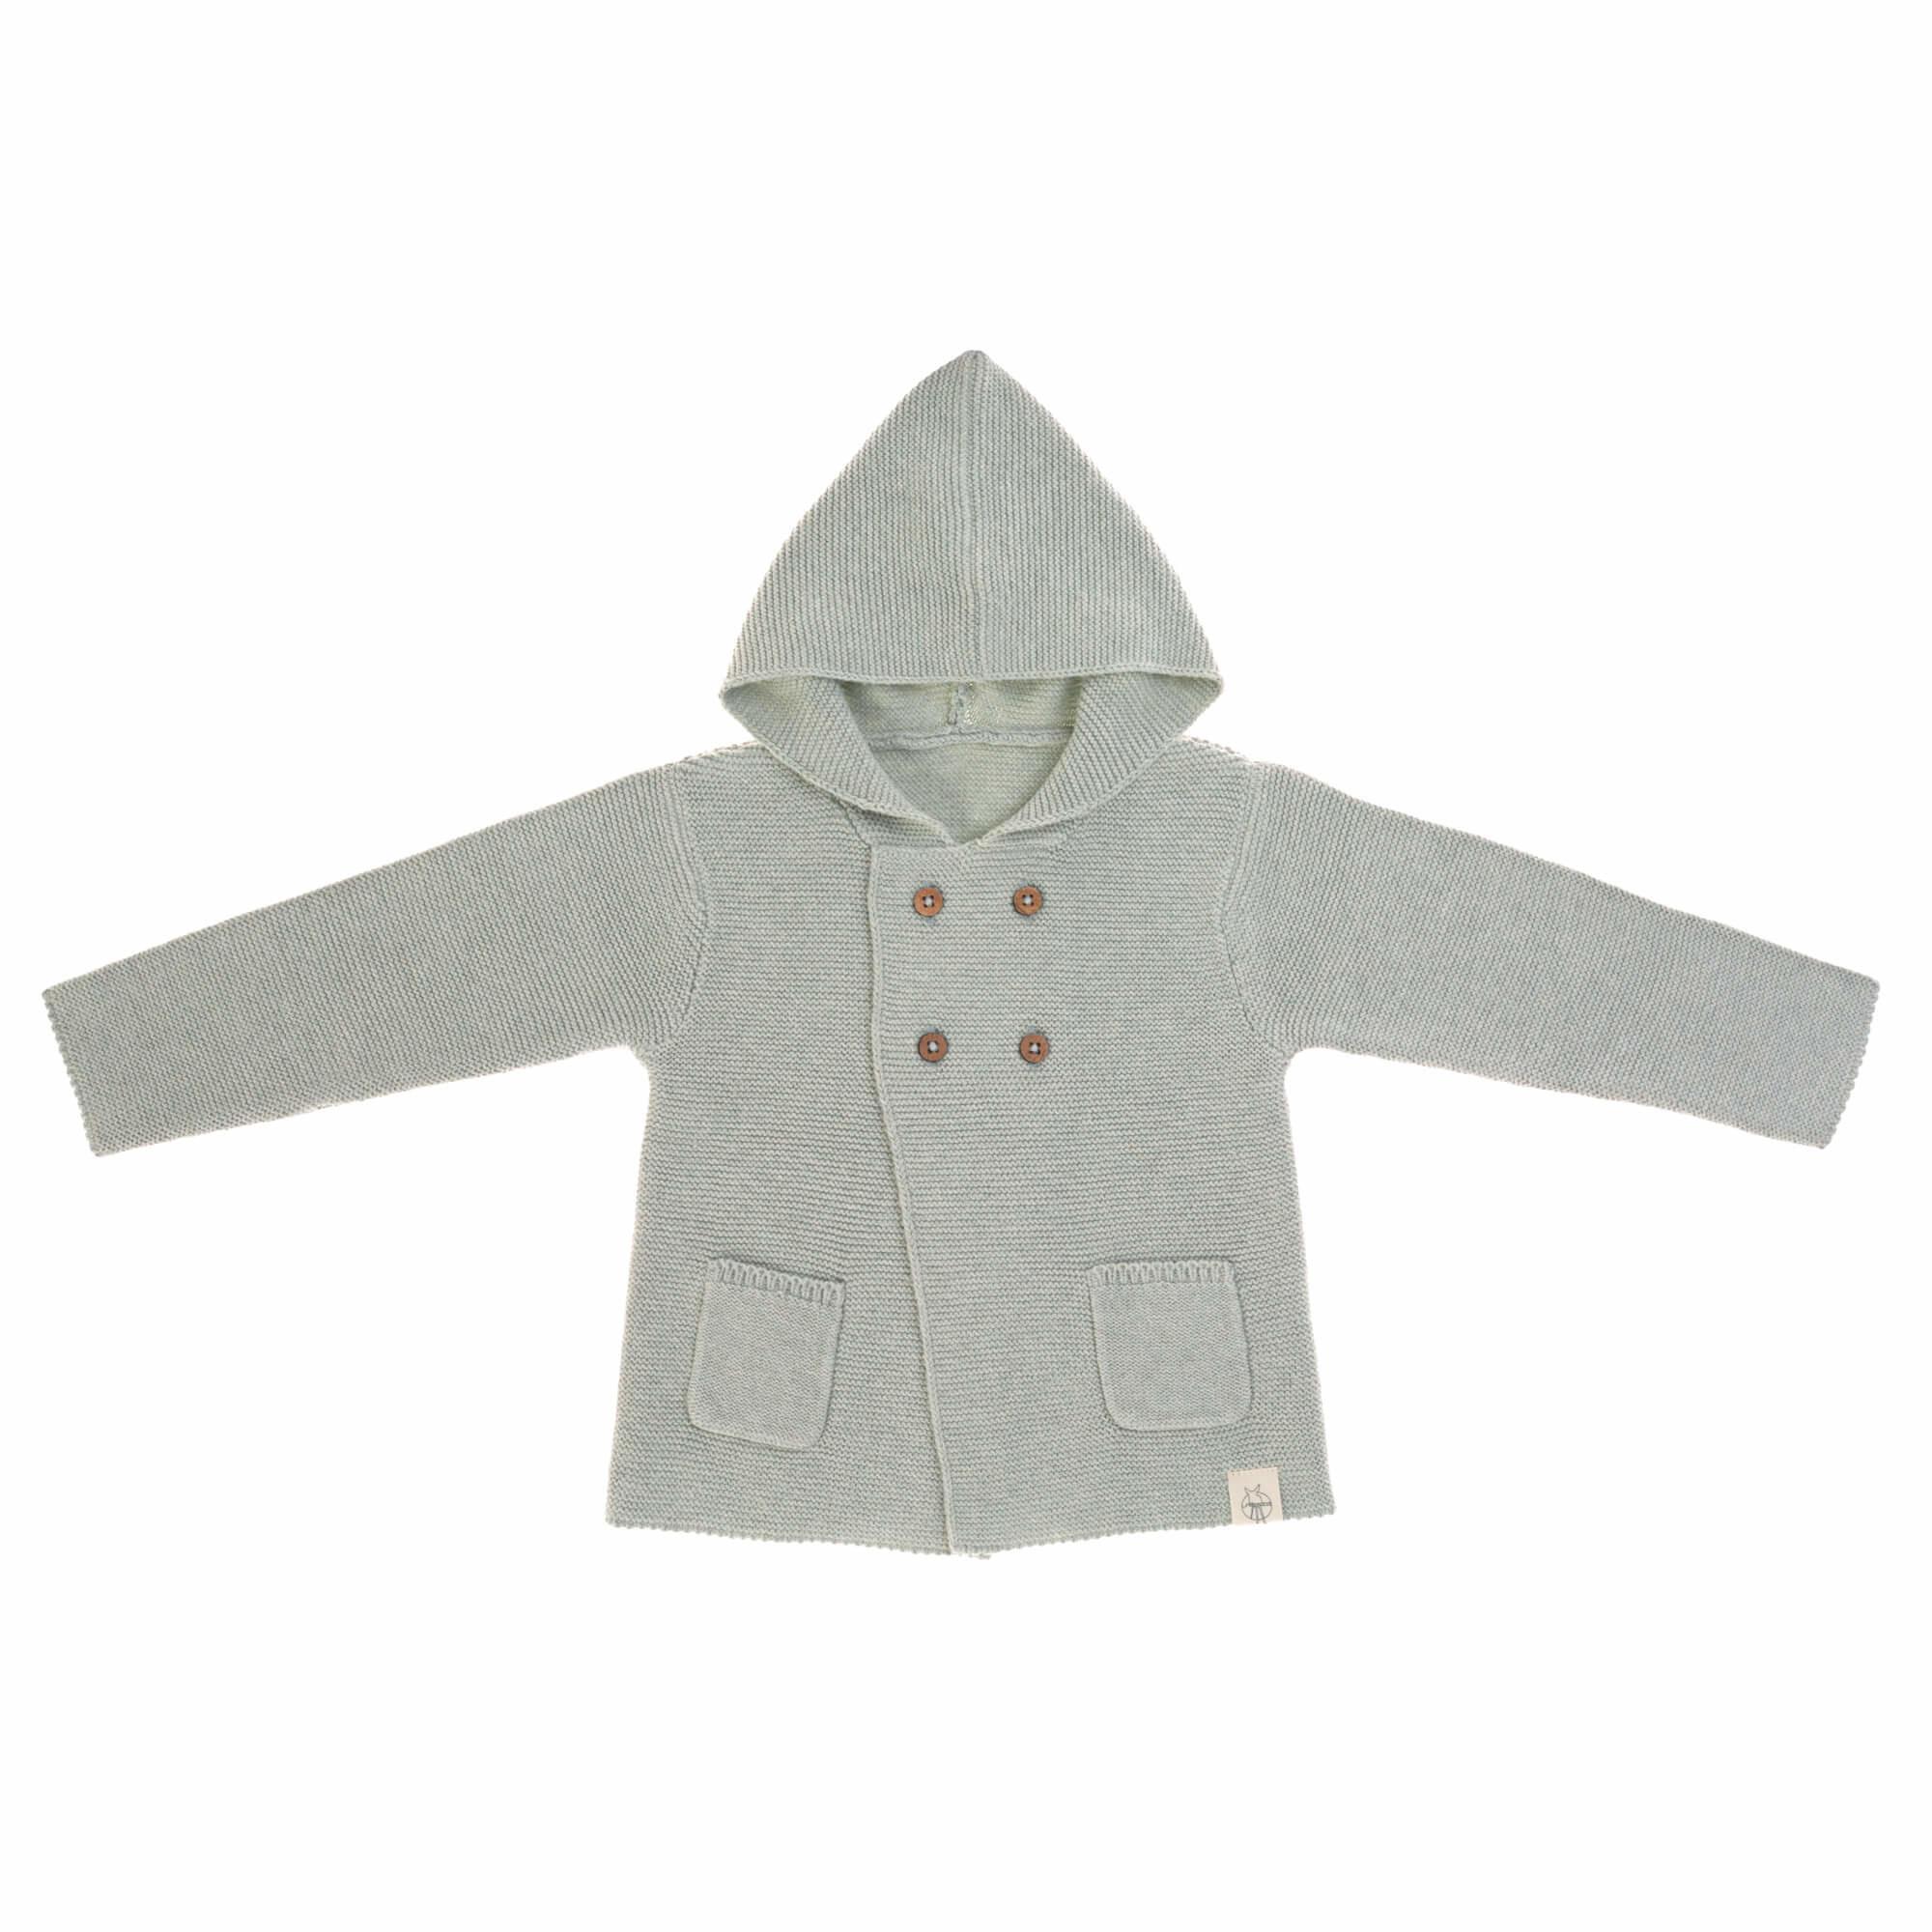 Lässig Baby gebreide hoodie GOTS - Garden Explorer aqua grijs maat 62-68 2-6mnd